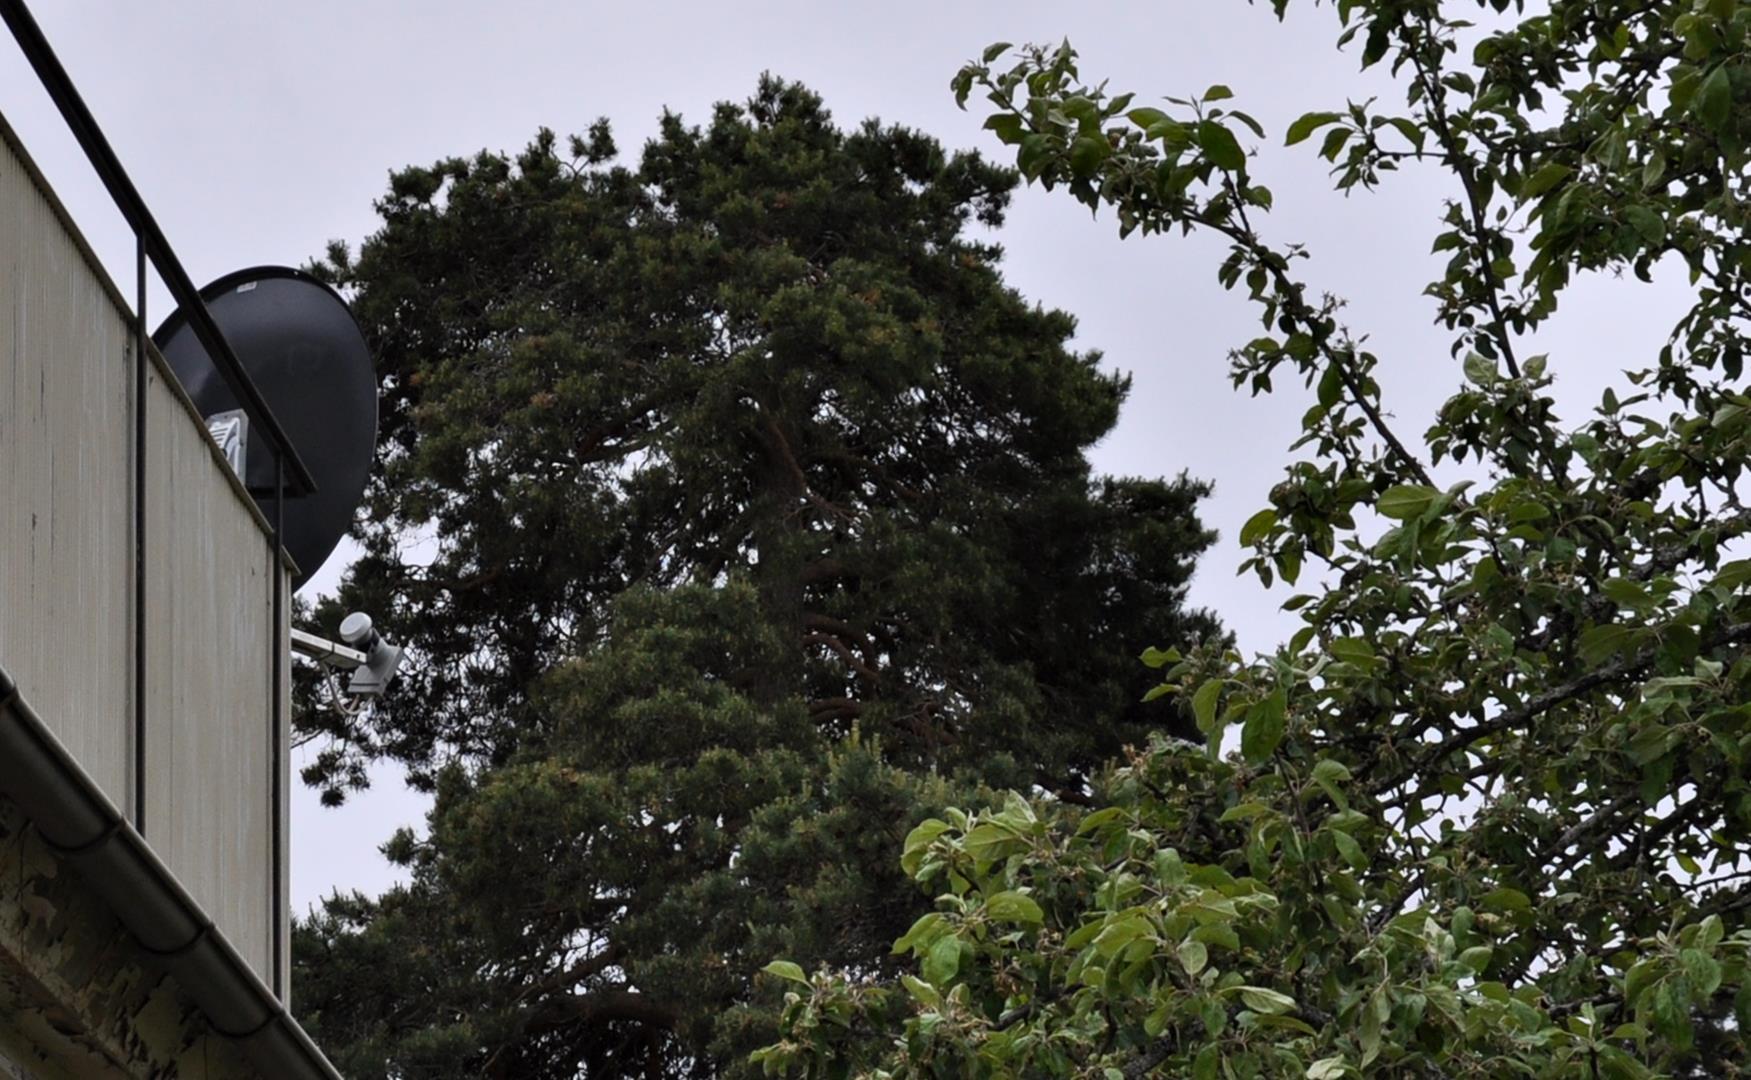 20160610-727388-trees